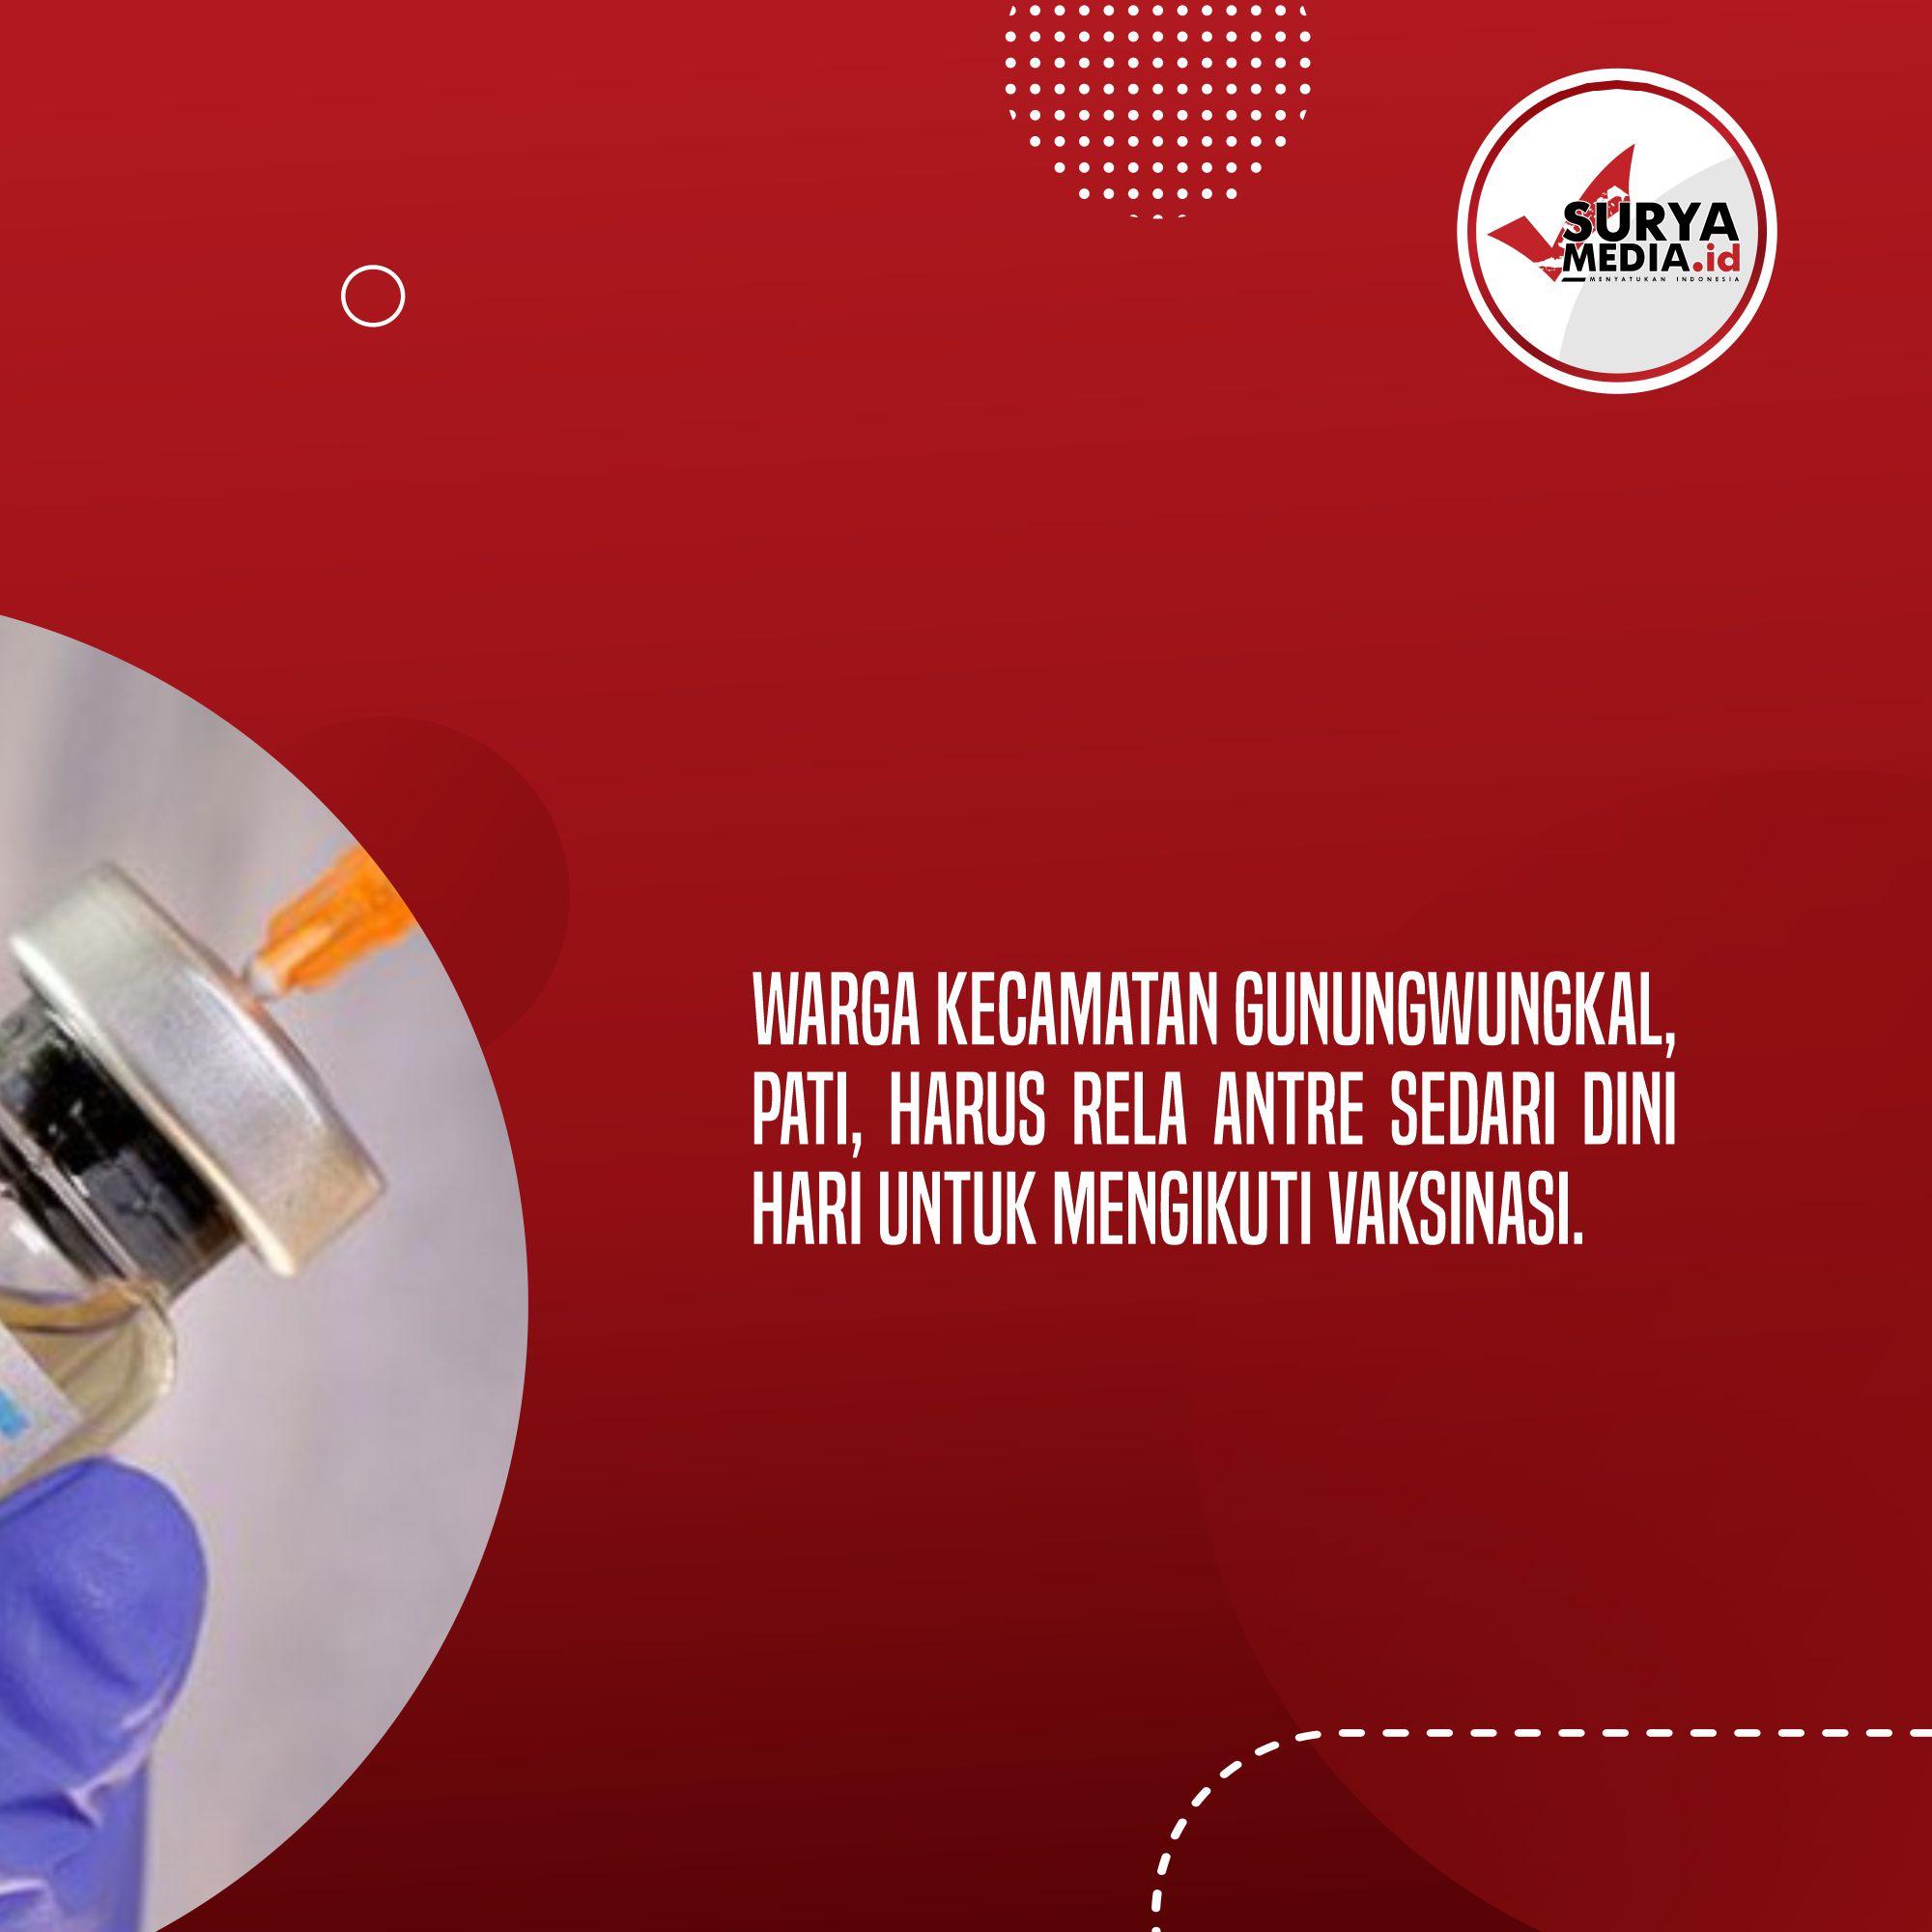 Stok Terbatas Terbatas, Warga Gunungwungkal Antre Sebelum Subuh untuk Ikuti Vaksinasi B